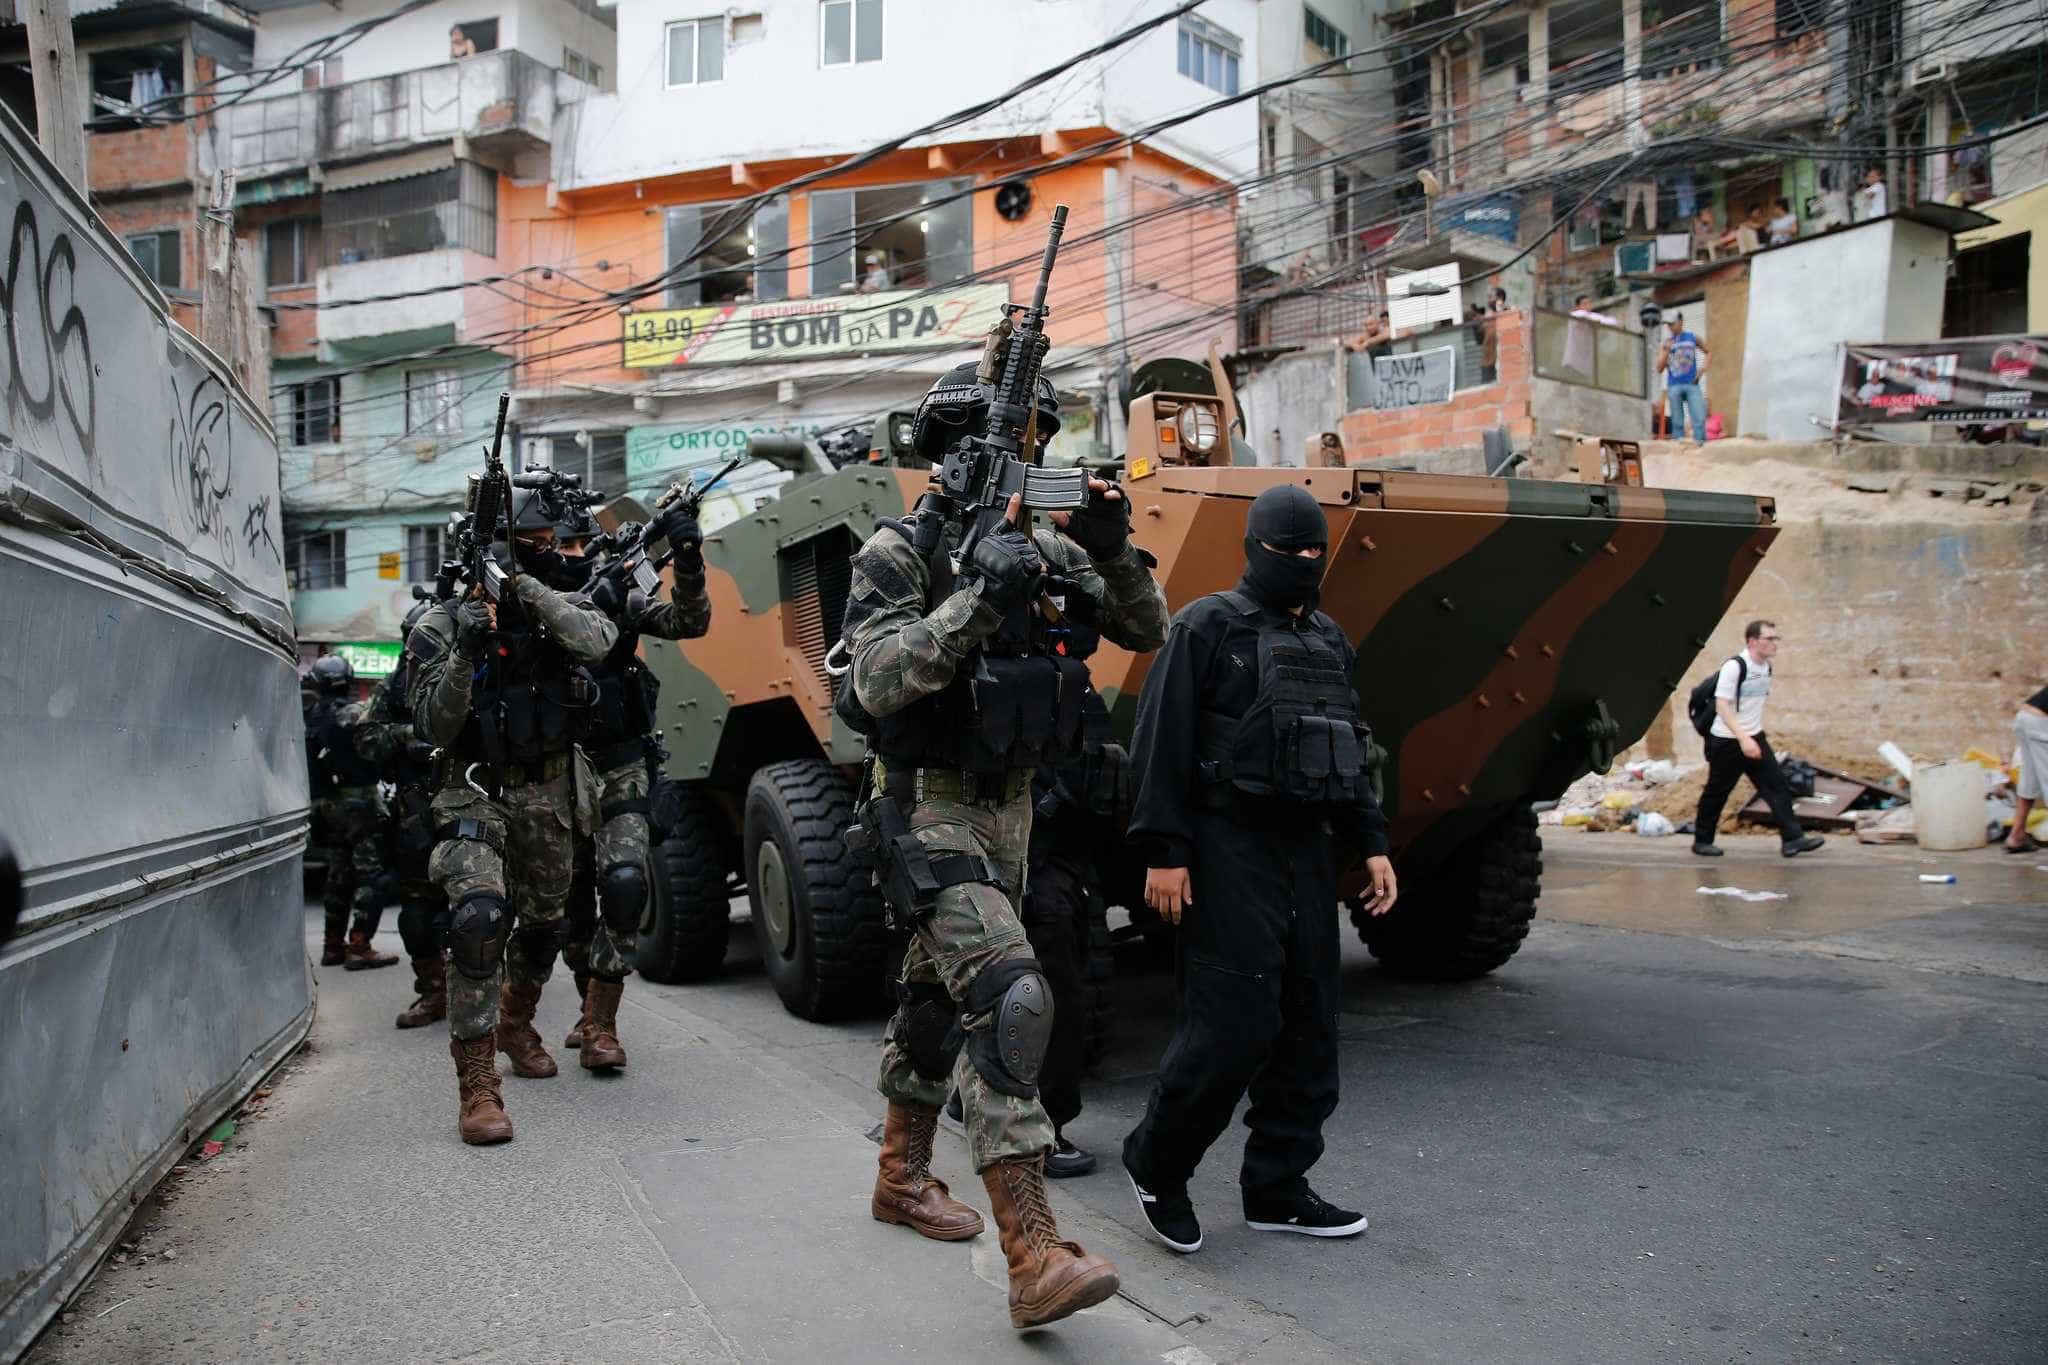 1 em cada 3 moradores do Rio esteve no meio de tiroteio no último ano